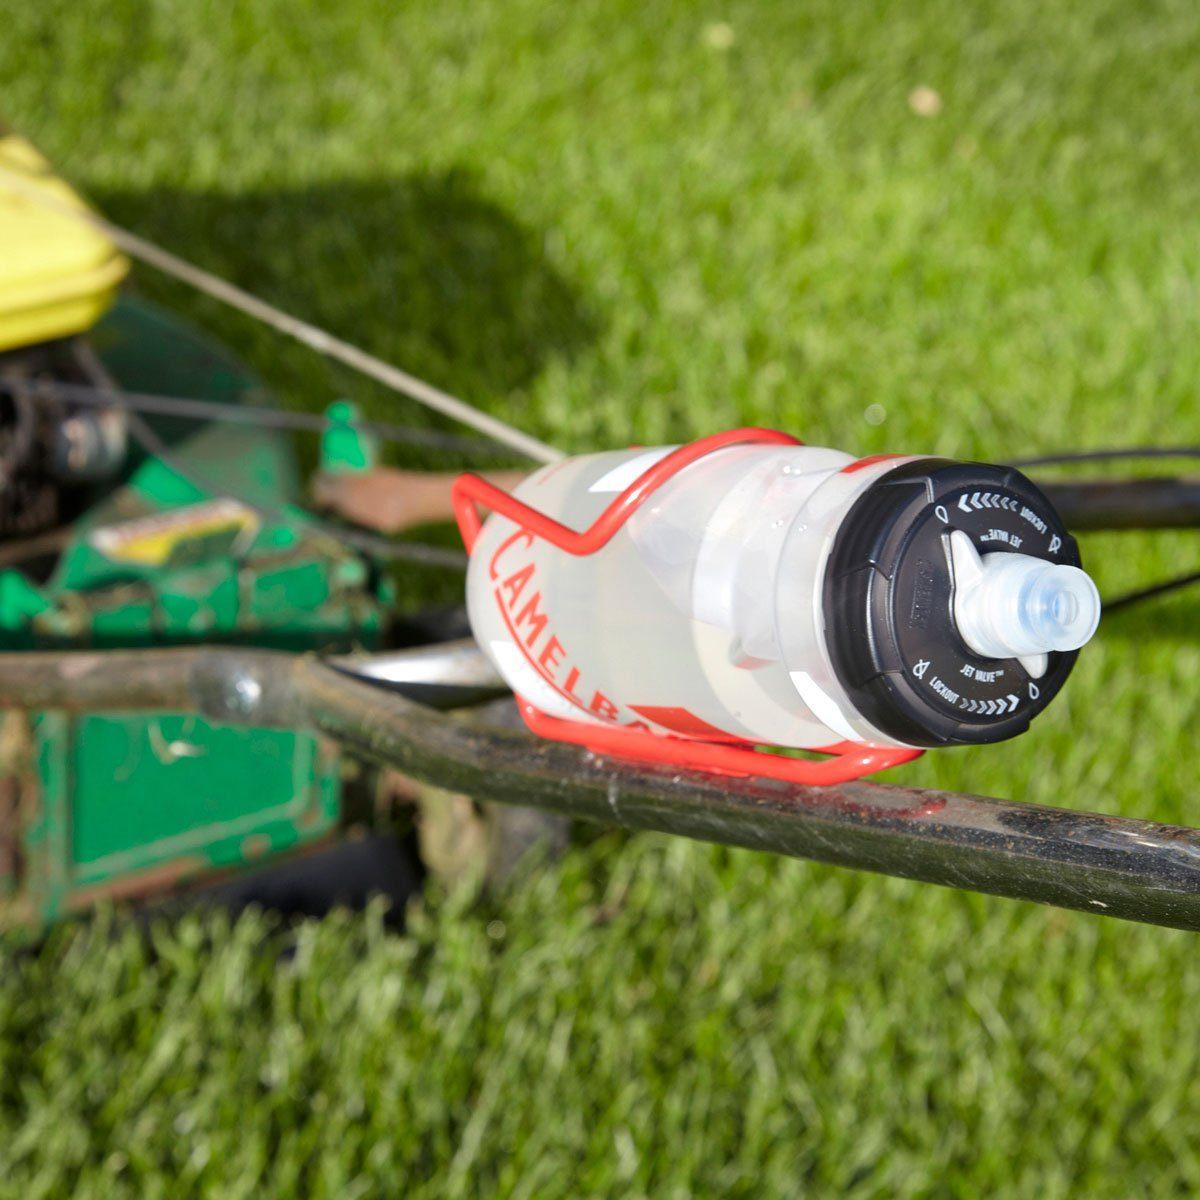 Water break on the go lawn mower